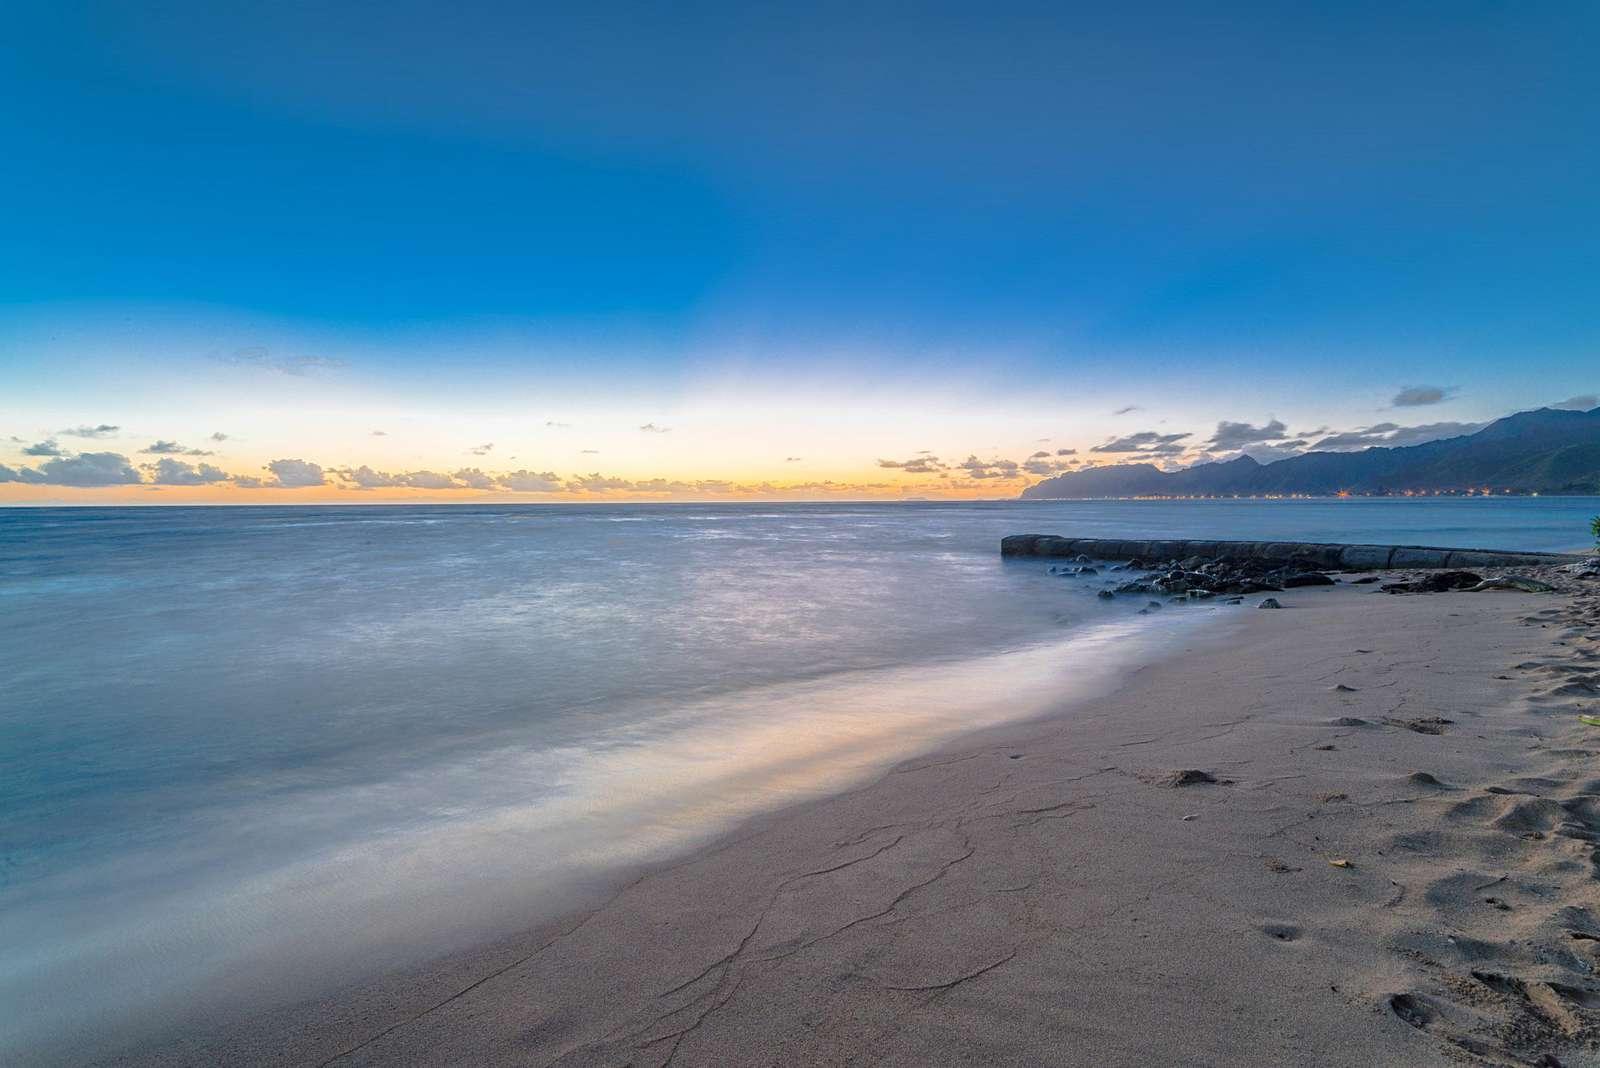 Early morning dawn at beach of Tiki Moon Villas